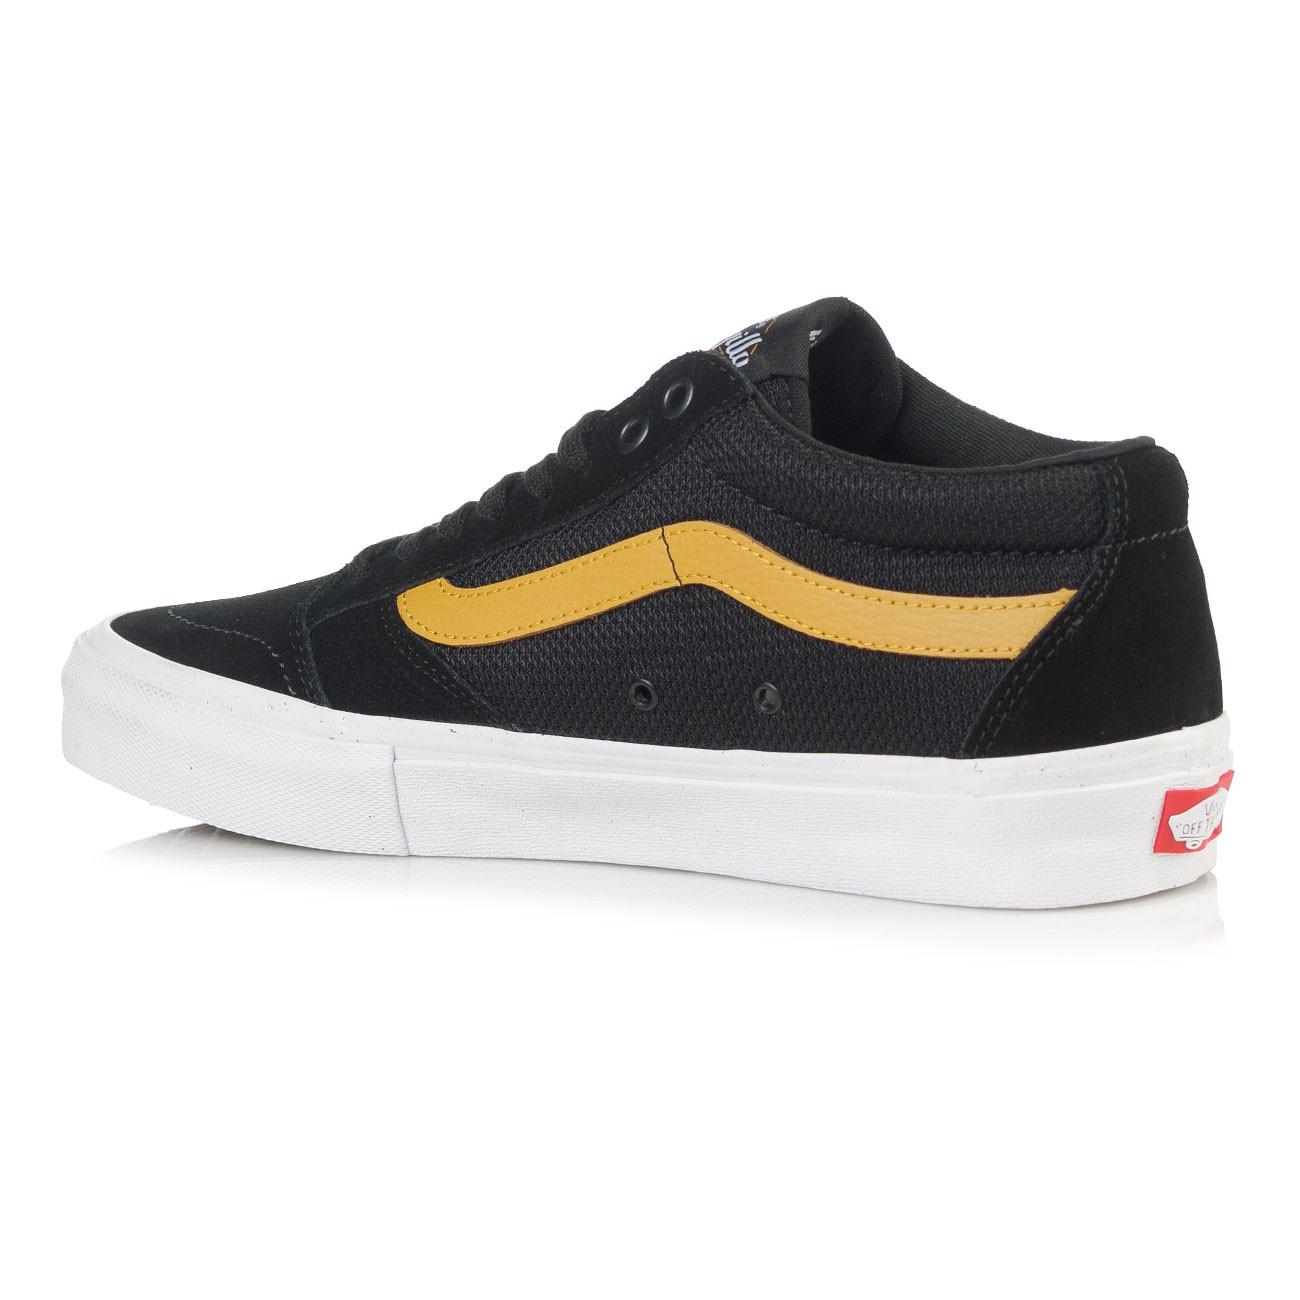 fccd123e6fd5d5 Sneakers Vans Tnt Sg black tawny